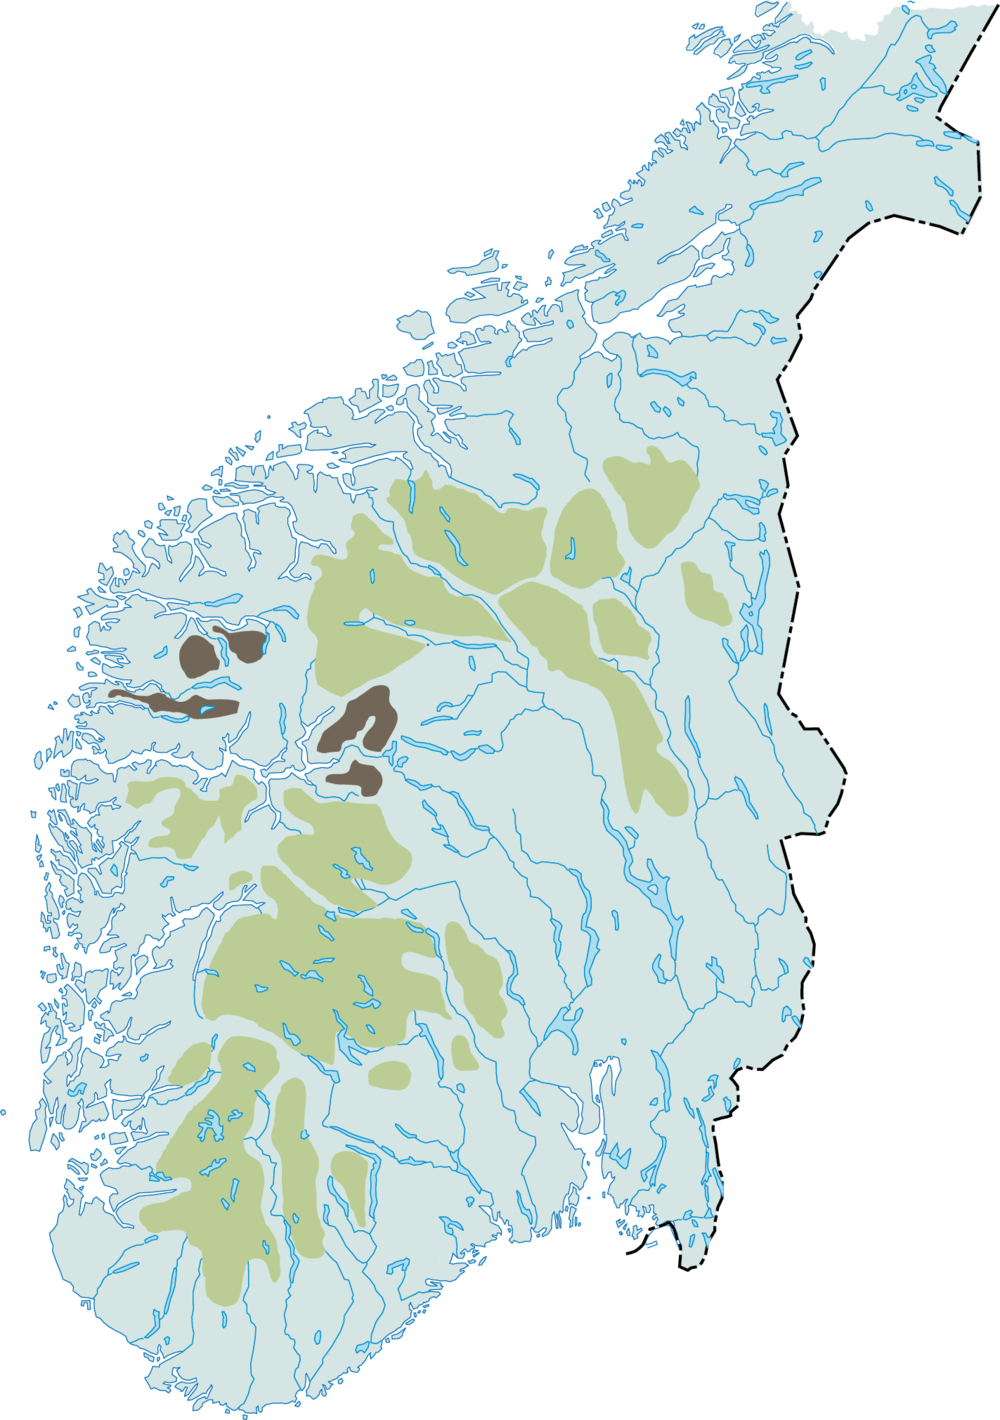 fakta om sogn og fjordane Mysen